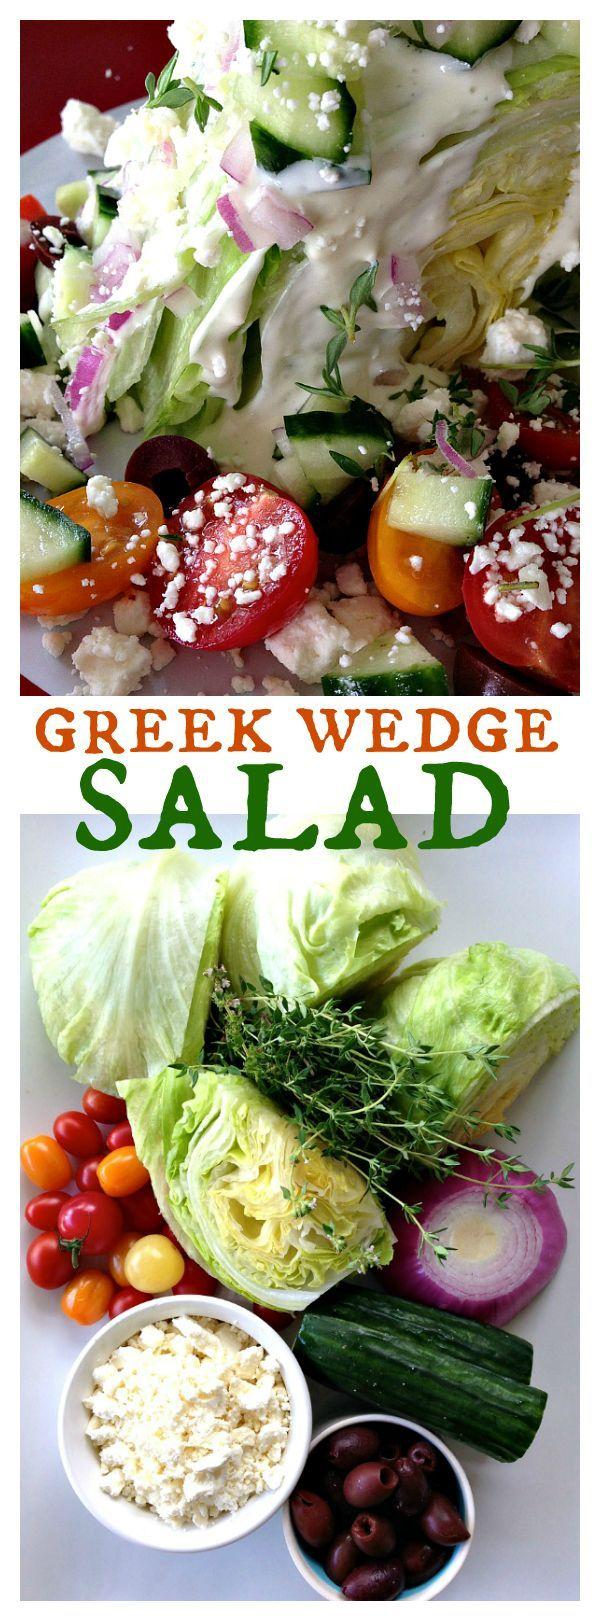 Healthy Greek Wedge Salad for salad bar potluck!